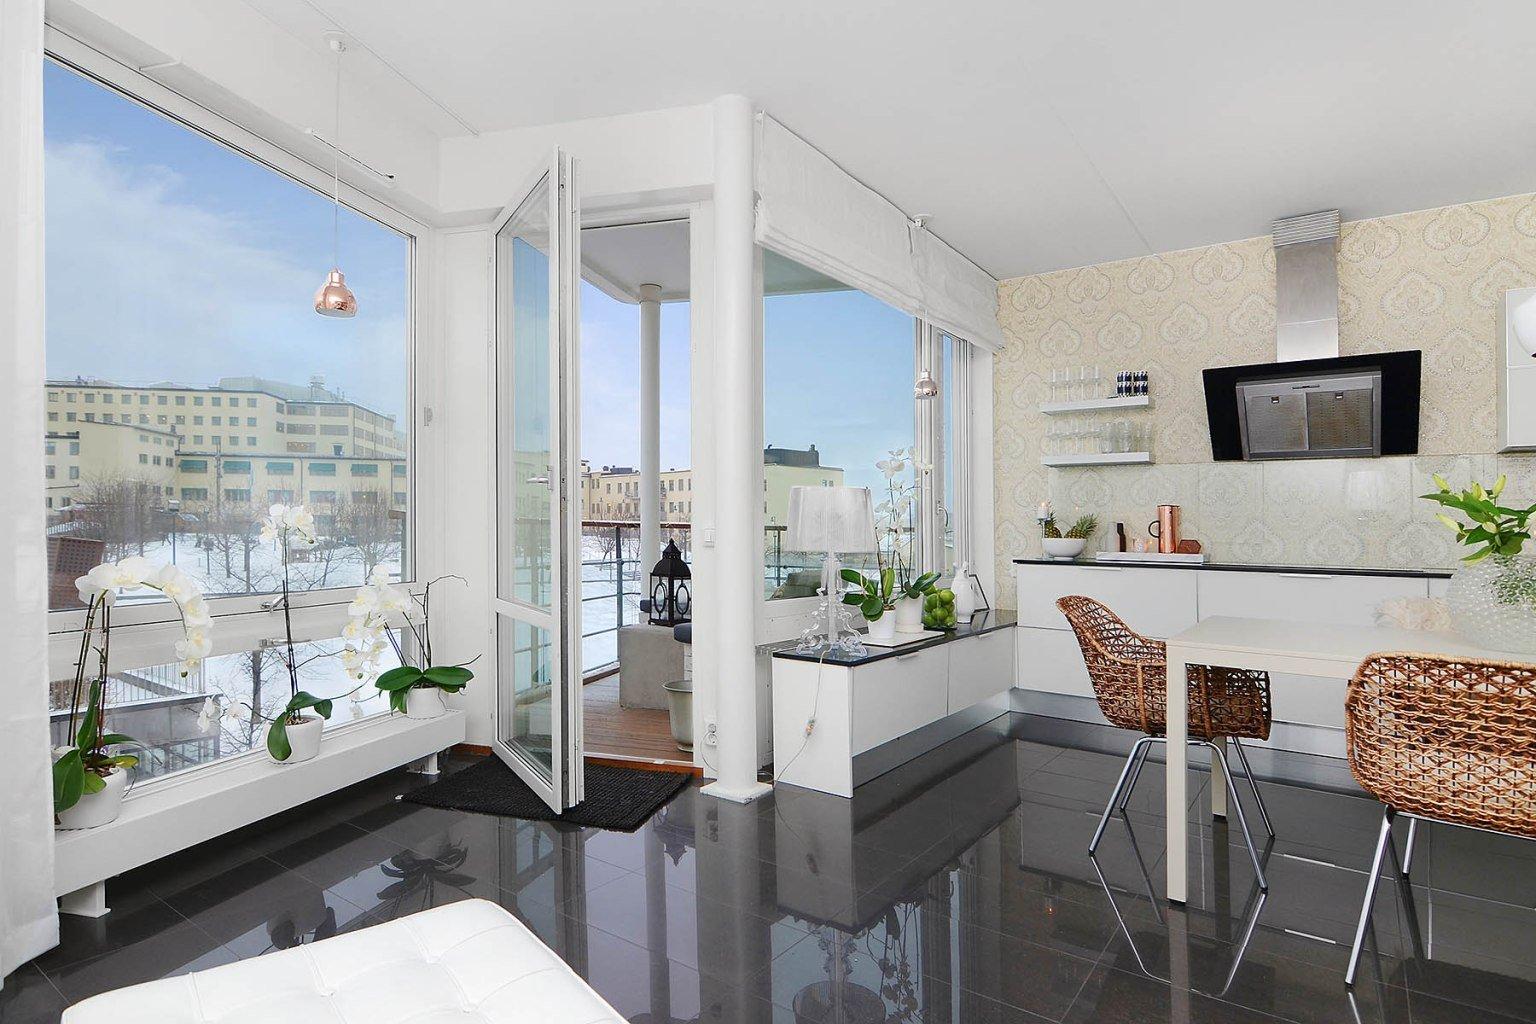 приходилось выход на балкон из кухни фото коттеджей стрижка